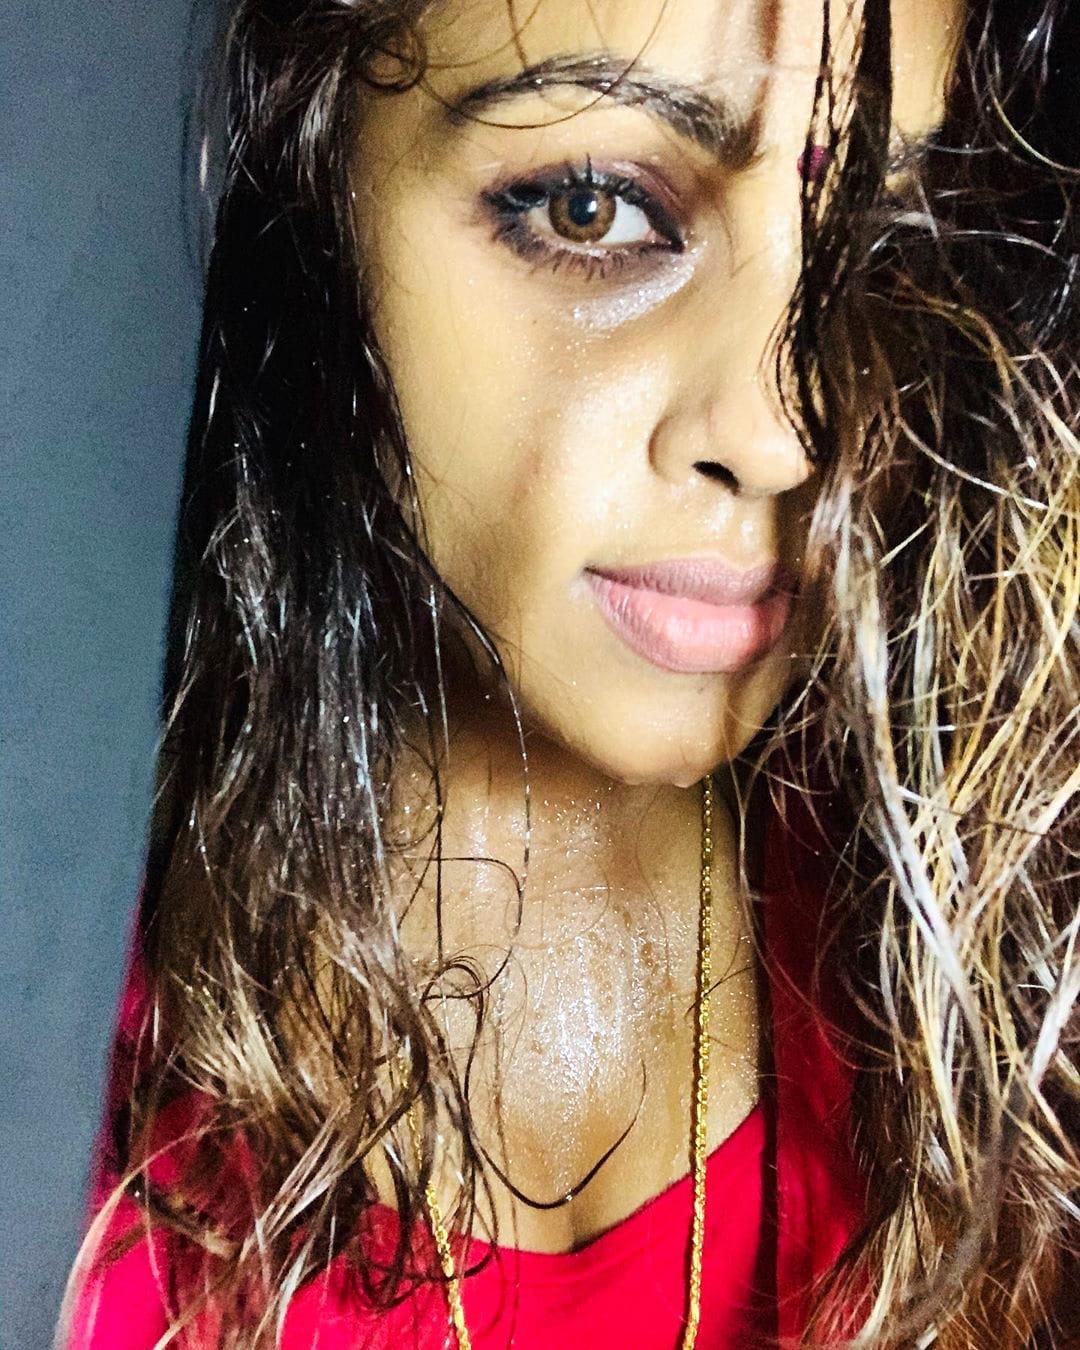 நடிகை ஸ்ரீ நிகா அசத்தல் புகைப்படங்கள்